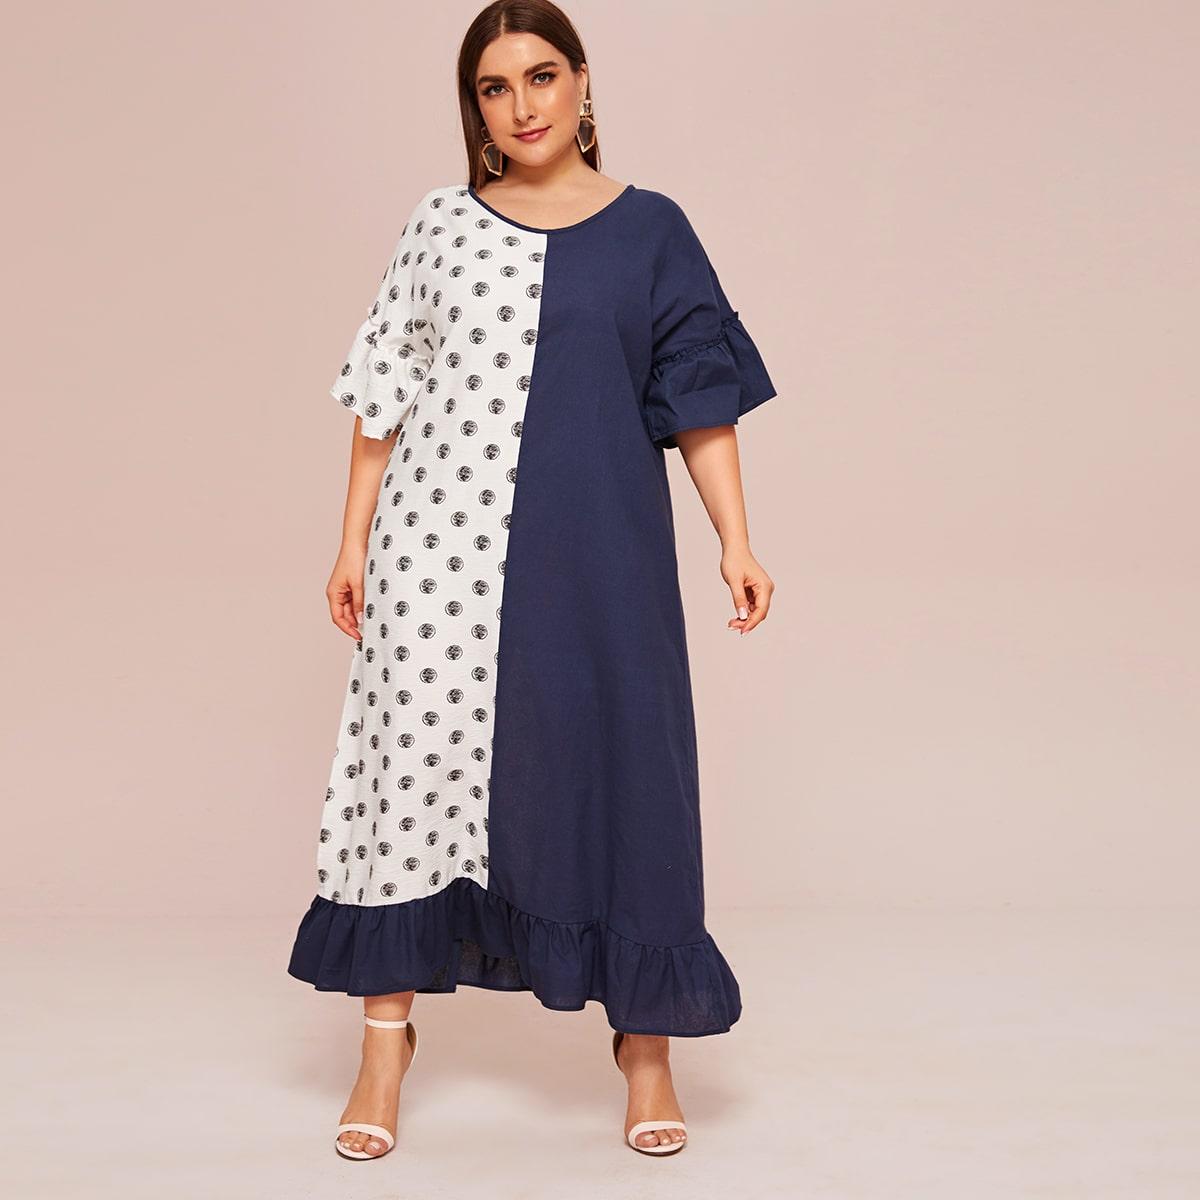 Контрастное платье размера плюс с оборками